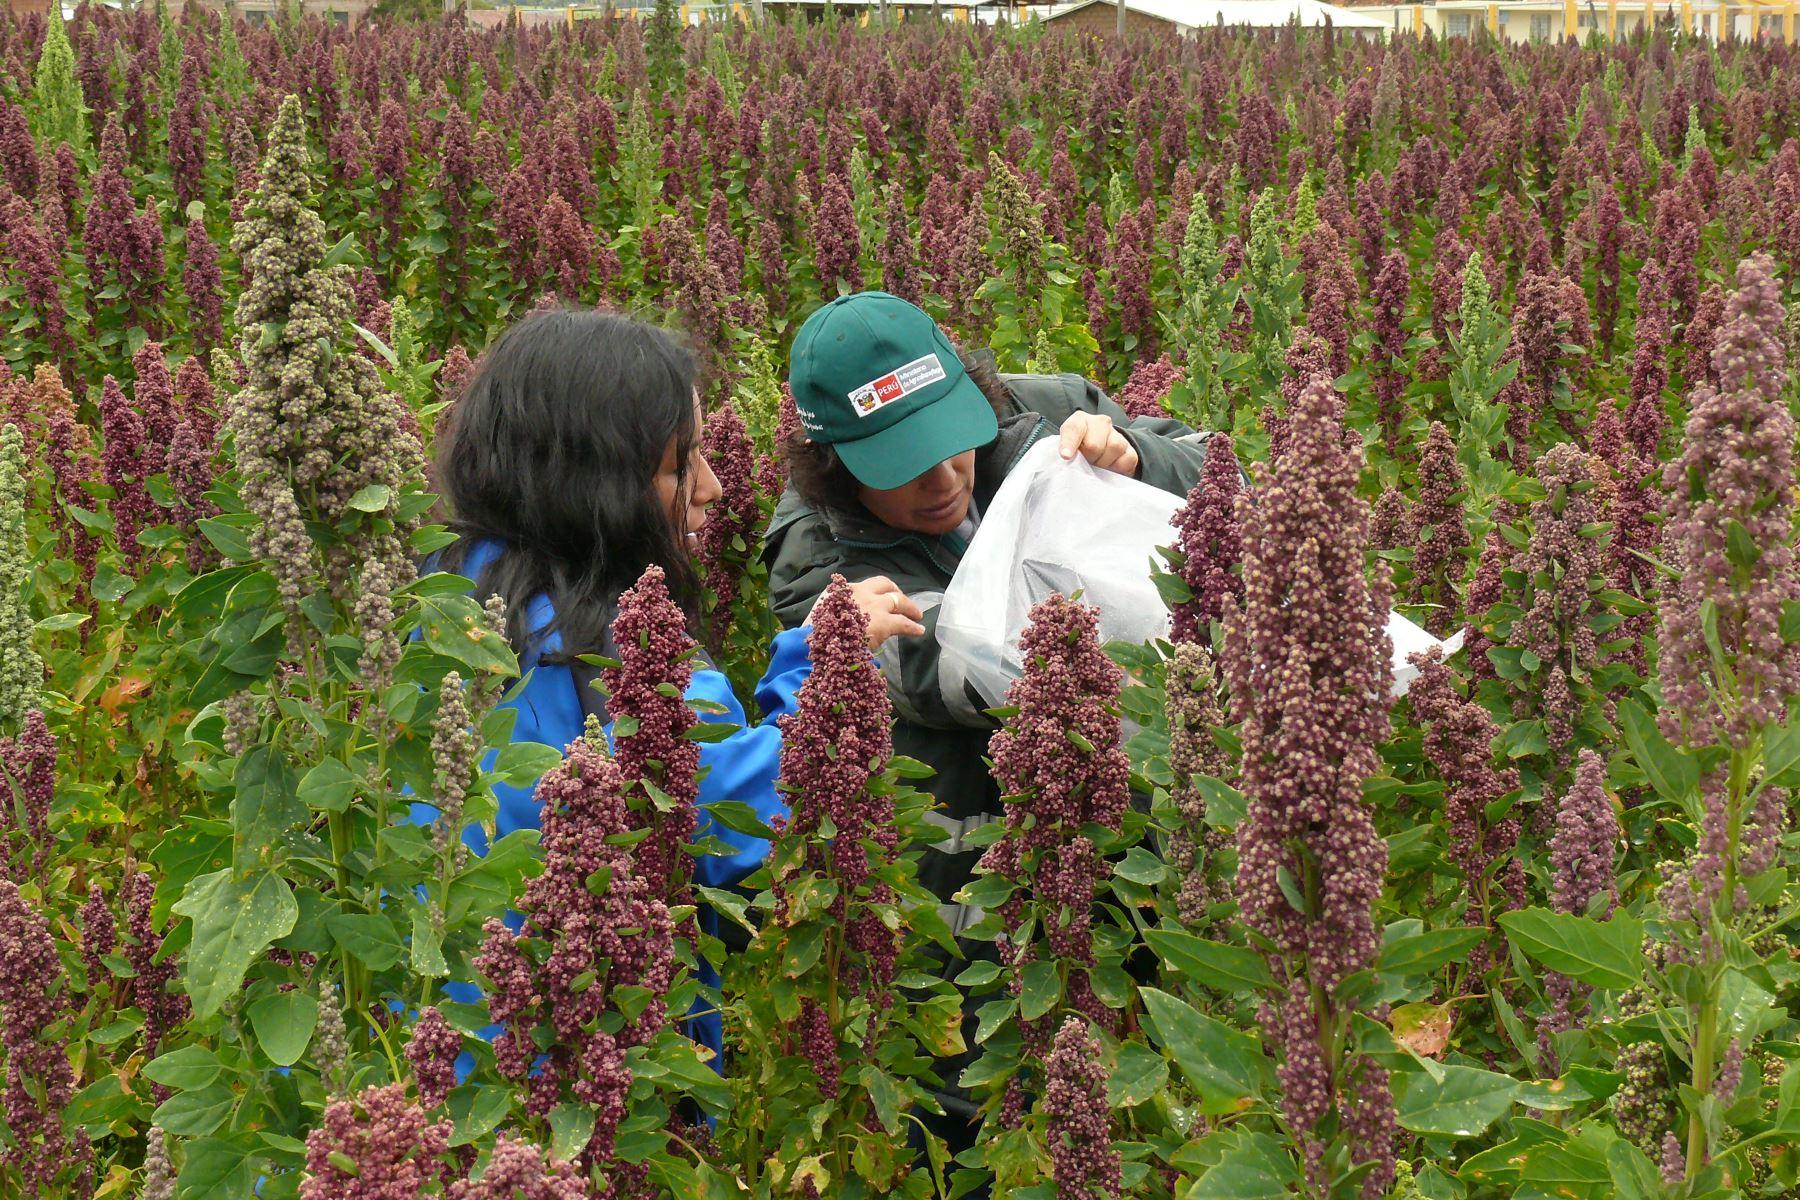 La quinua es uno de los principales cultivos en Ayacucho y es considerado el principal sustento económico para las familias.